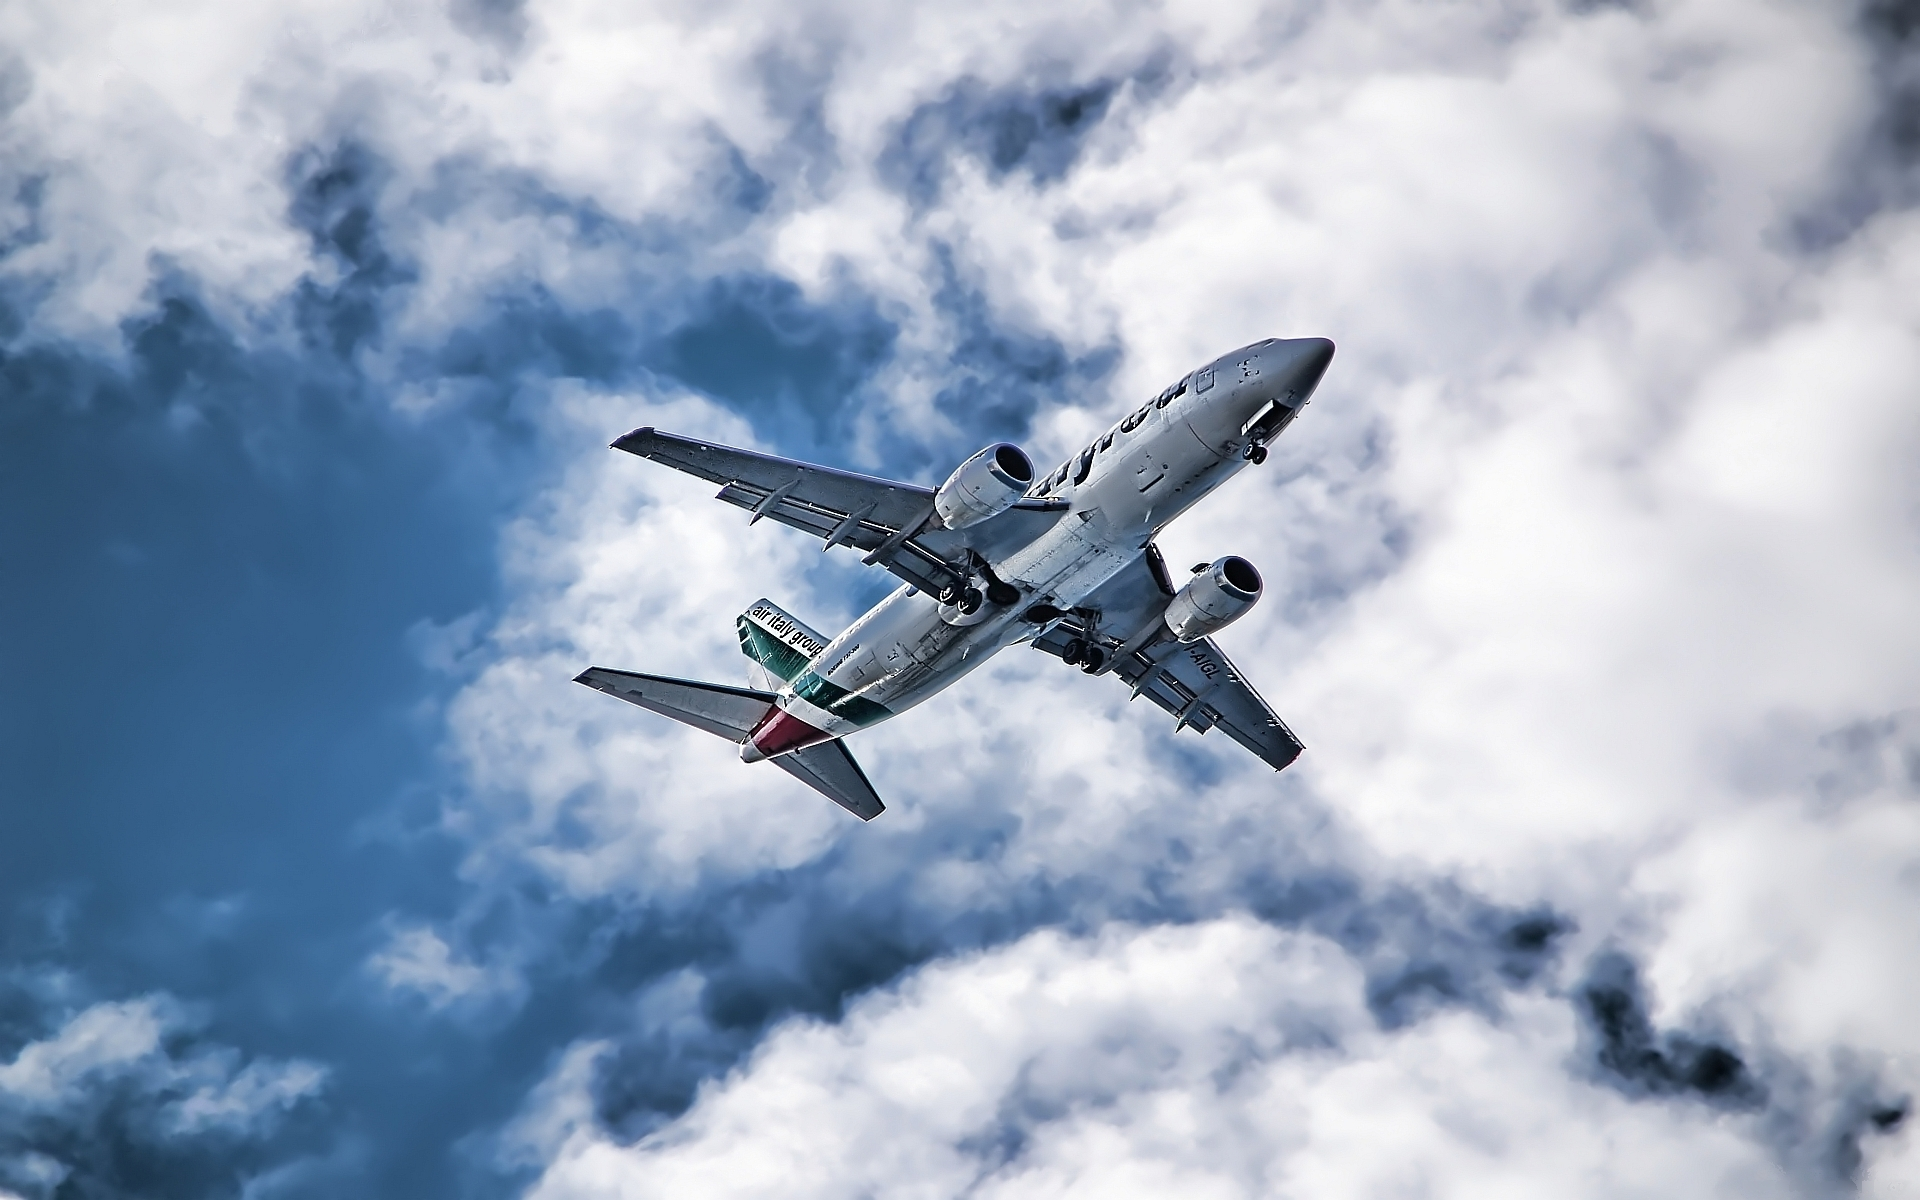 салат картинка на рабочий стол самолет в небе объекта происходит путём